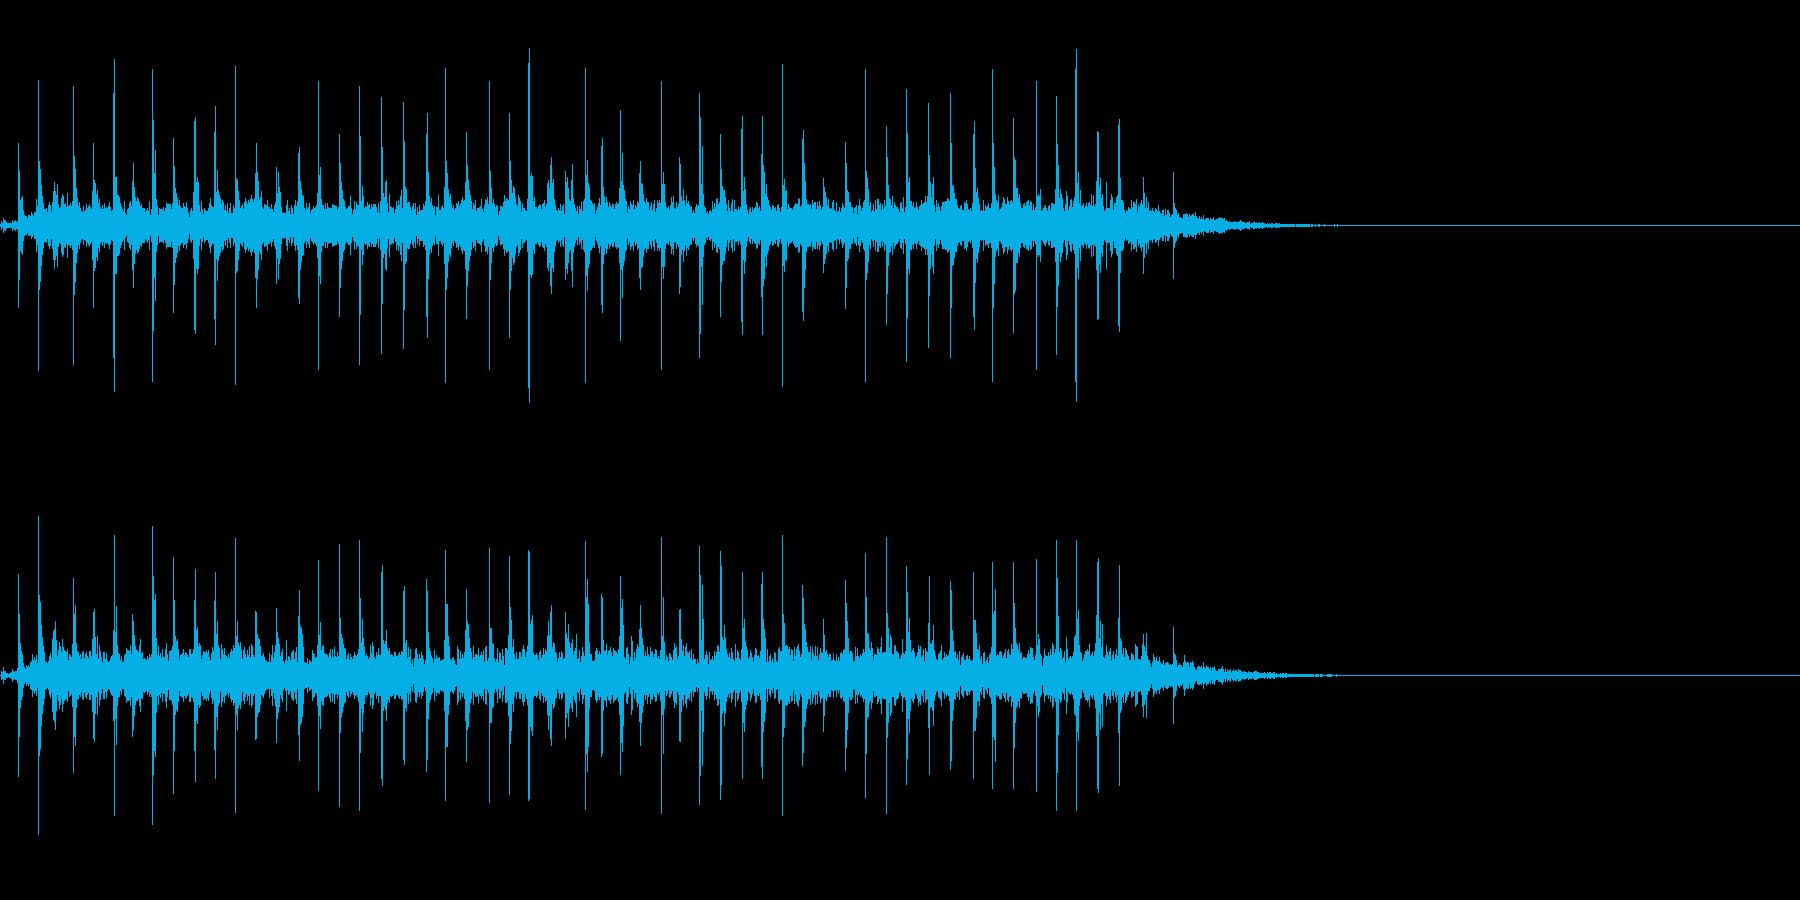 昔の時刻表のパタパタした音~低音編~の再生済みの波形